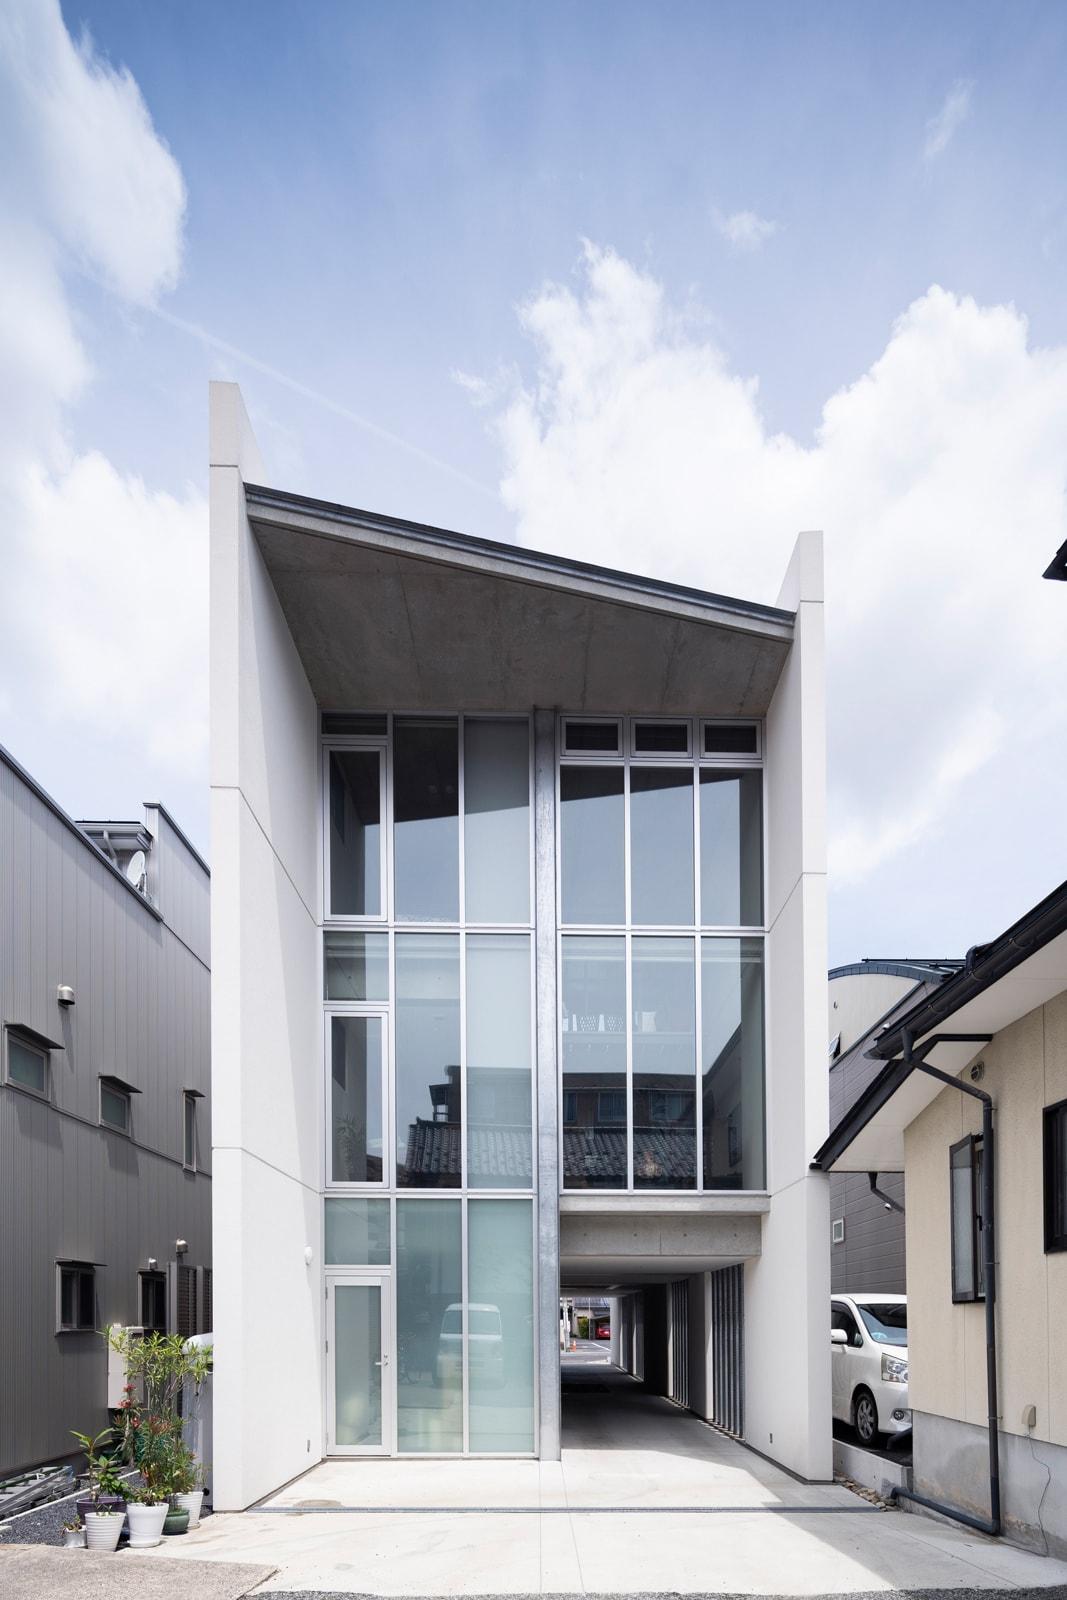 シャープなラインがひときわ目を引く3階建てRC住宅。外壁は内外ともに断熱塗装を施し、そのほかはコンクリート打ちっぱなし仕上げとなっている